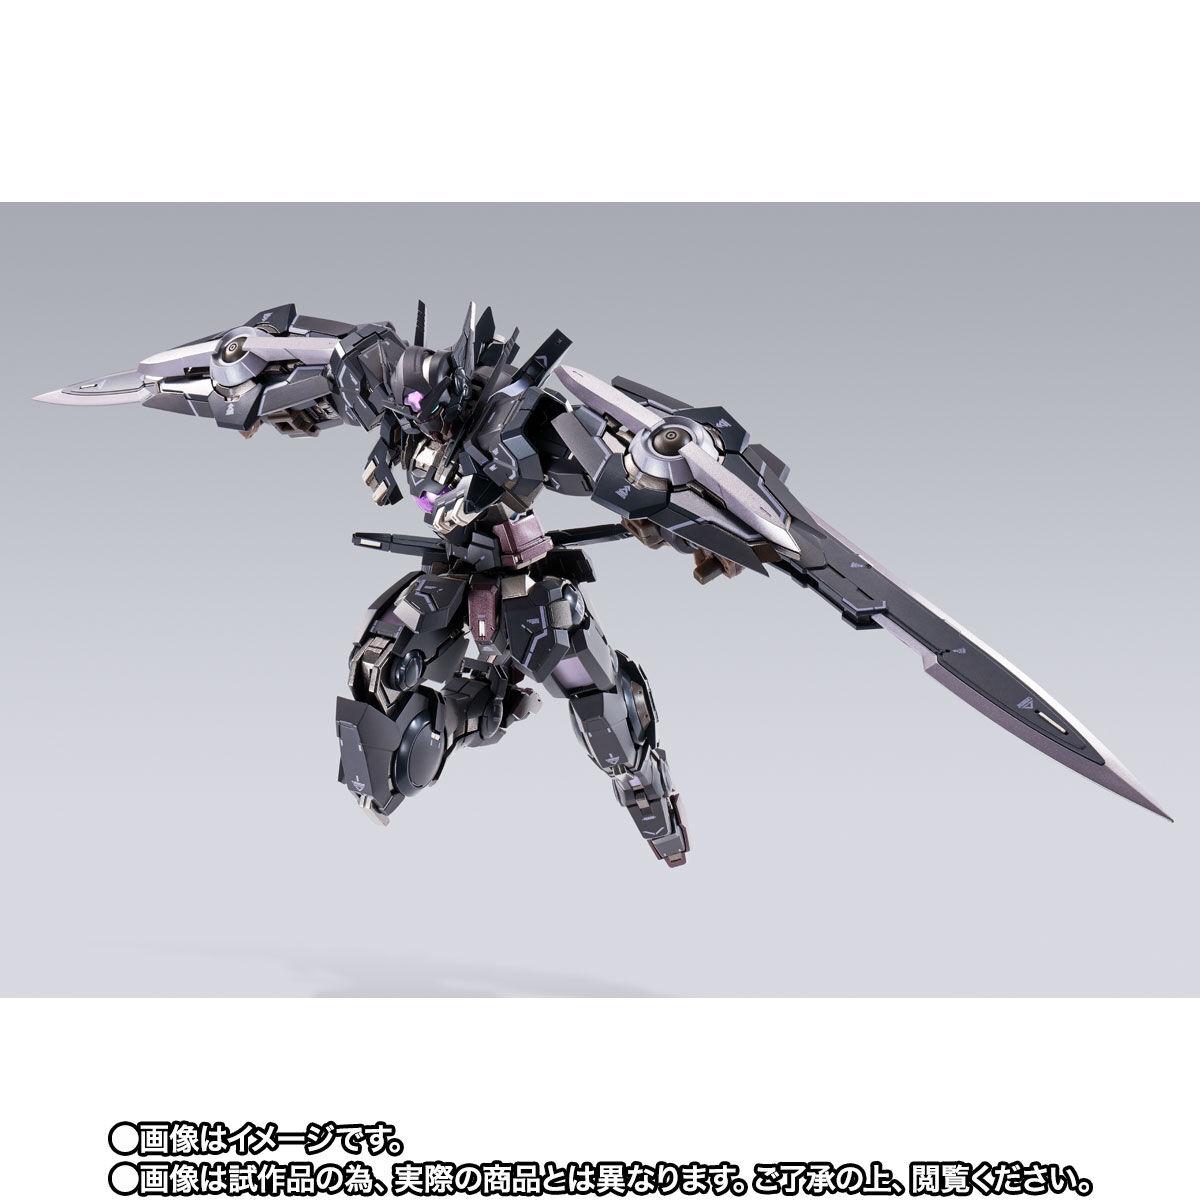 【限定販売】METAL BUILD『ガンダムアストレアTYPE-Xフィンスターニス』ガンダム00 可動フィギュア-007